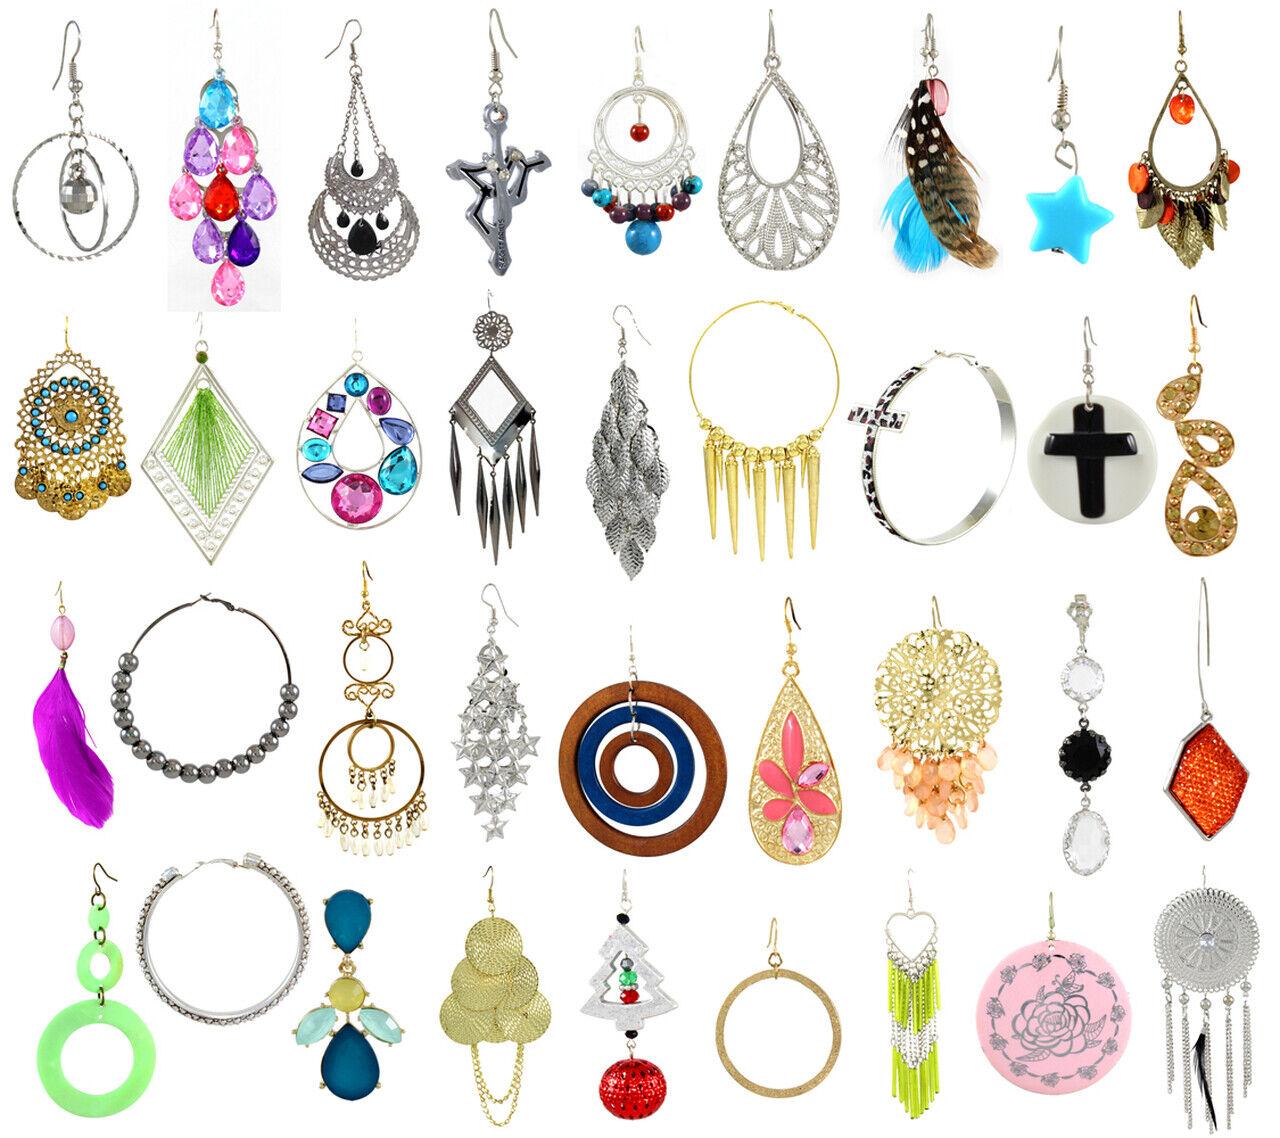 40 Pcs LOT FASHION EARRINGS Hoop Dangle Rings Necklaces Bracelets Bangles Mixed